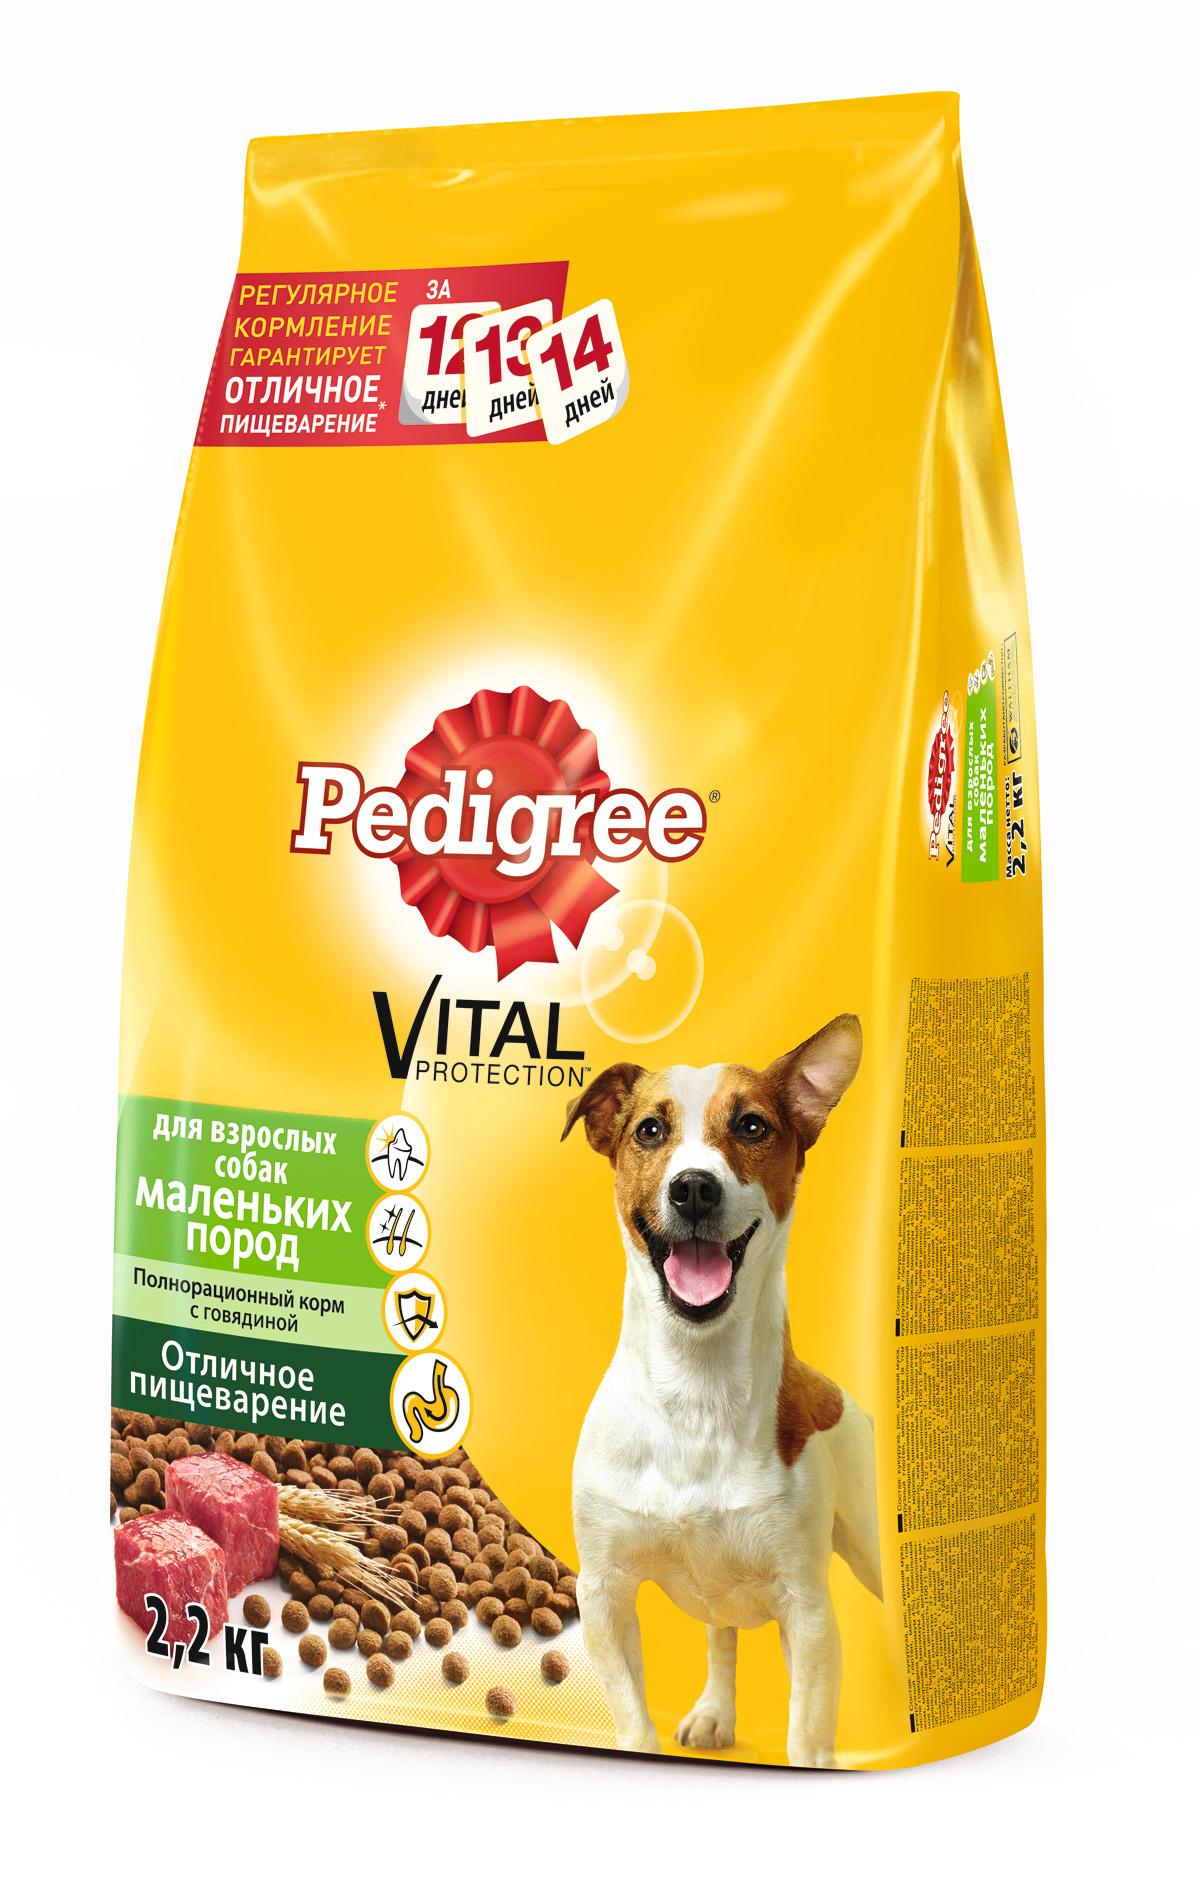 Корм сухой Pedigree для взрослых собак маленьких пород, с говядиной, 2,2 кг0120710Сухой корм Pedigree для взрослых собак весом меньше 15 кг - этополнорационный корм с говядиной, который предназначен для взрослых собак маленьких и карликовых пород. Он состоит из качественных инатуральных ингредиентов: мяса, овощей, злаков. Корм способствуетздоровому росту и гармоничному развитию вашего питомца. Он создан с учетомособенностей пищеварения собаки, легко усваивается и обеспечиваетправильную работу желудочно-кишечного тракта. Состав: кукуруза, рис, пшеница, куриная мука, мясная мука (в том числе говядинаминимум 4%), свекольный жом, подсолнечное масло, жир животный, пивныедрожжи, витамины и минералы. Пищевая ценность (100 г): белки 21 г, жиры 14 г, зола 7 г, клетчатка 4 г,влажность не более 10 г, кальций 1,3 г, фосфор 0,8 г, натрий 0,3 г, калий 0,58 г,магний 0,1 г, цинк 20 г, медь 1,5 г, витамин А 1500 МЕ, витамин Е 20 мг, витаминD3 120 МЕ, витамины B1, B2, B4, B5, B12, ниацин, омега-6, омега-3,полиненасыщенные жирные кислоты. Энергетическая ценность (100 г): 365 ккал. Вес: 2,2 кг. Товар сертифицирован.